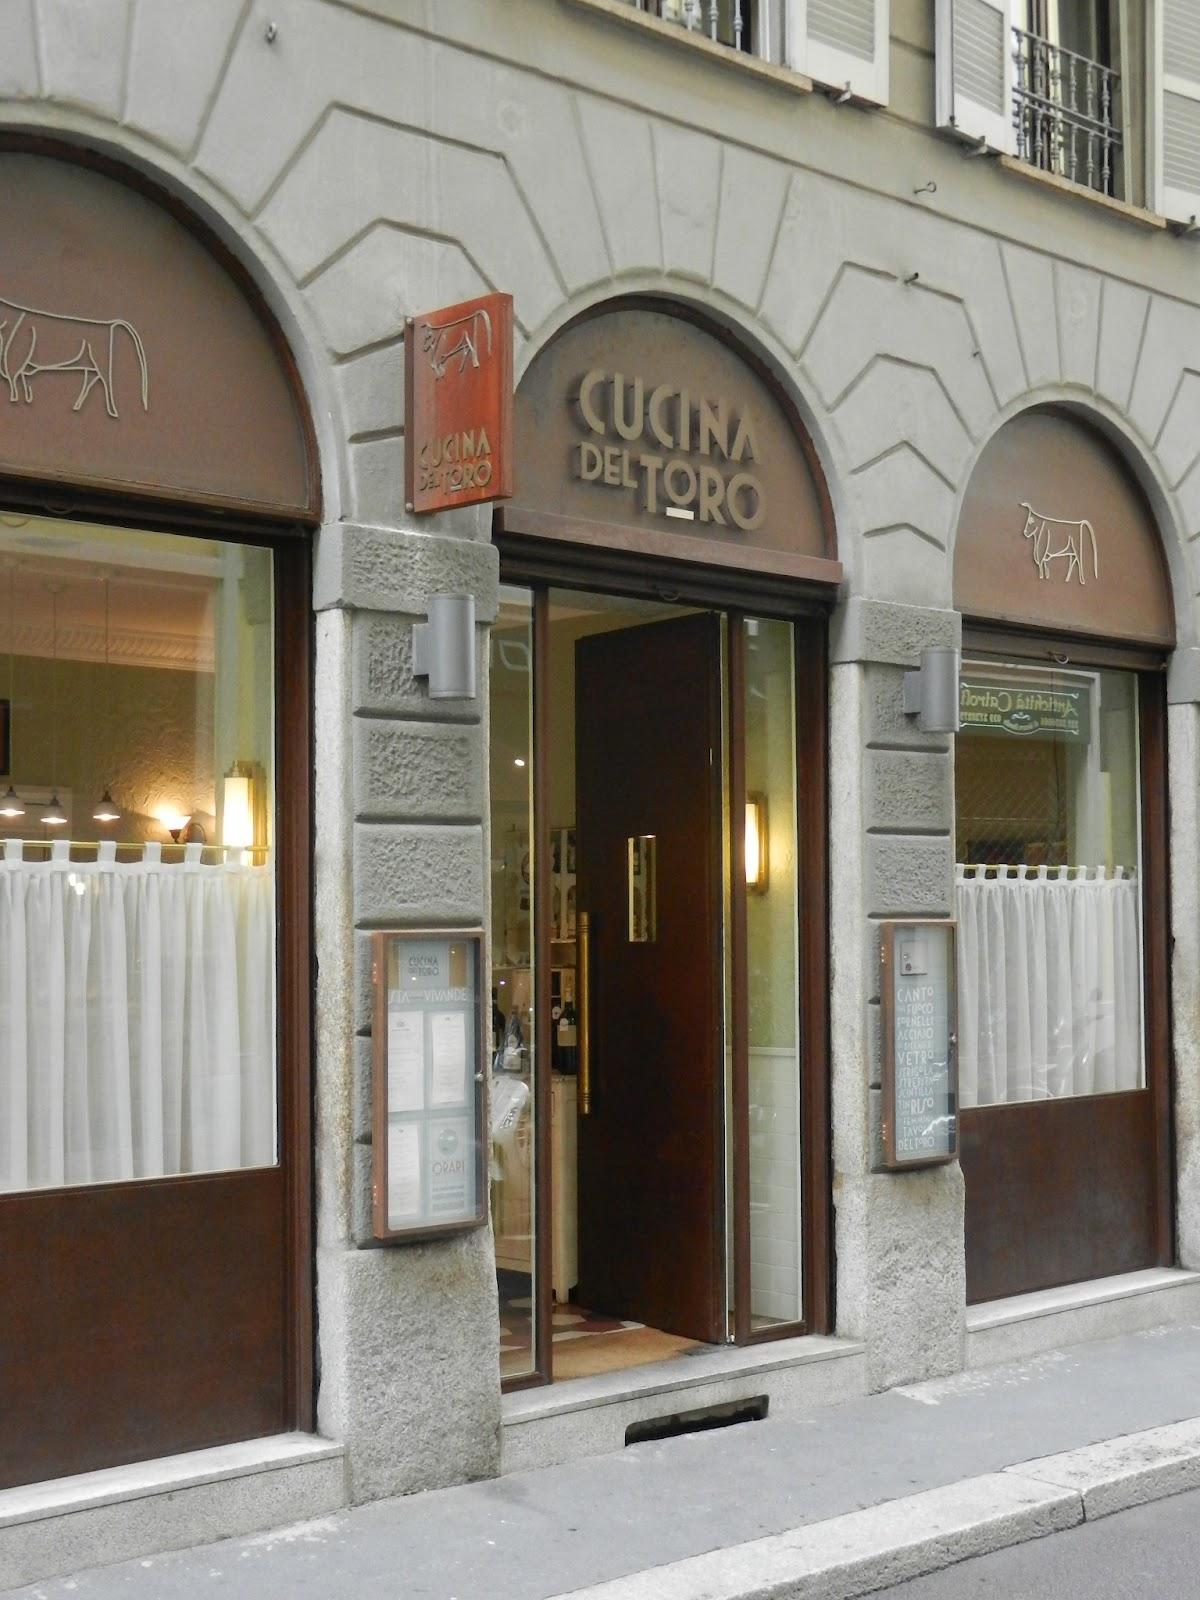 La cinta milanese: cucina del toro di milano